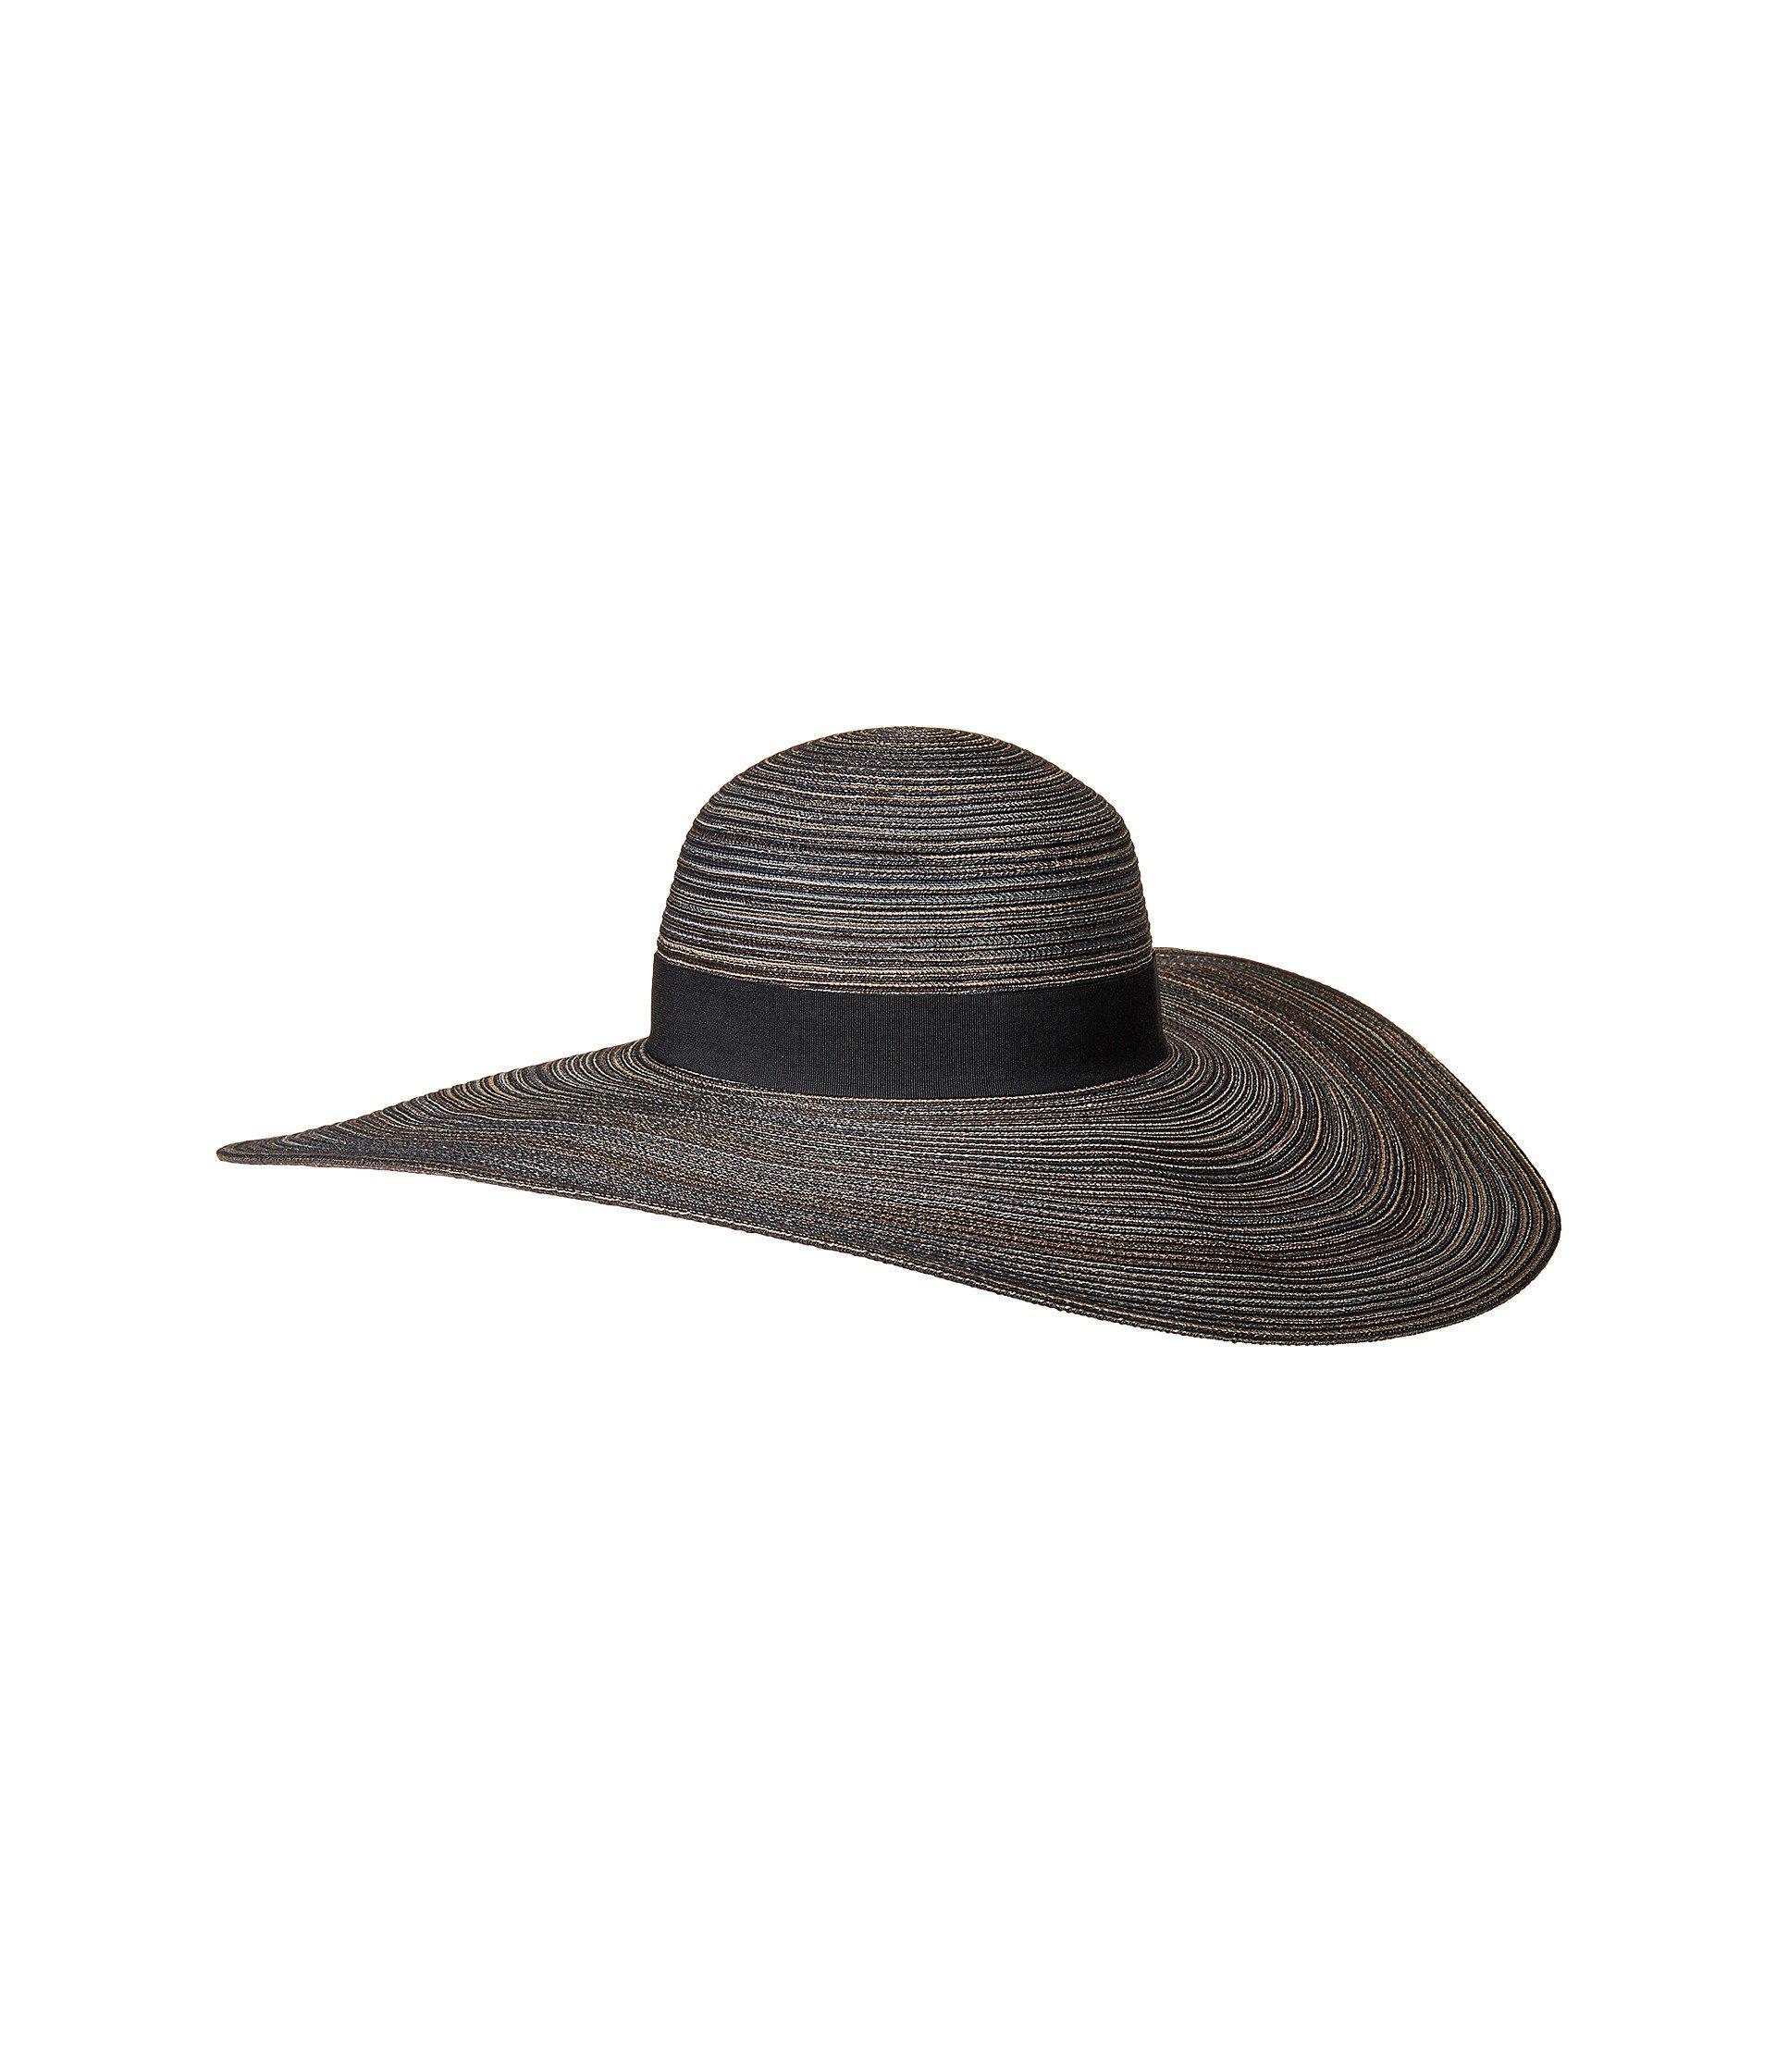 edf05215 Lyst - San Diego Hat Company Mxl1020os Mixed Poly Braid Sunbrim ...